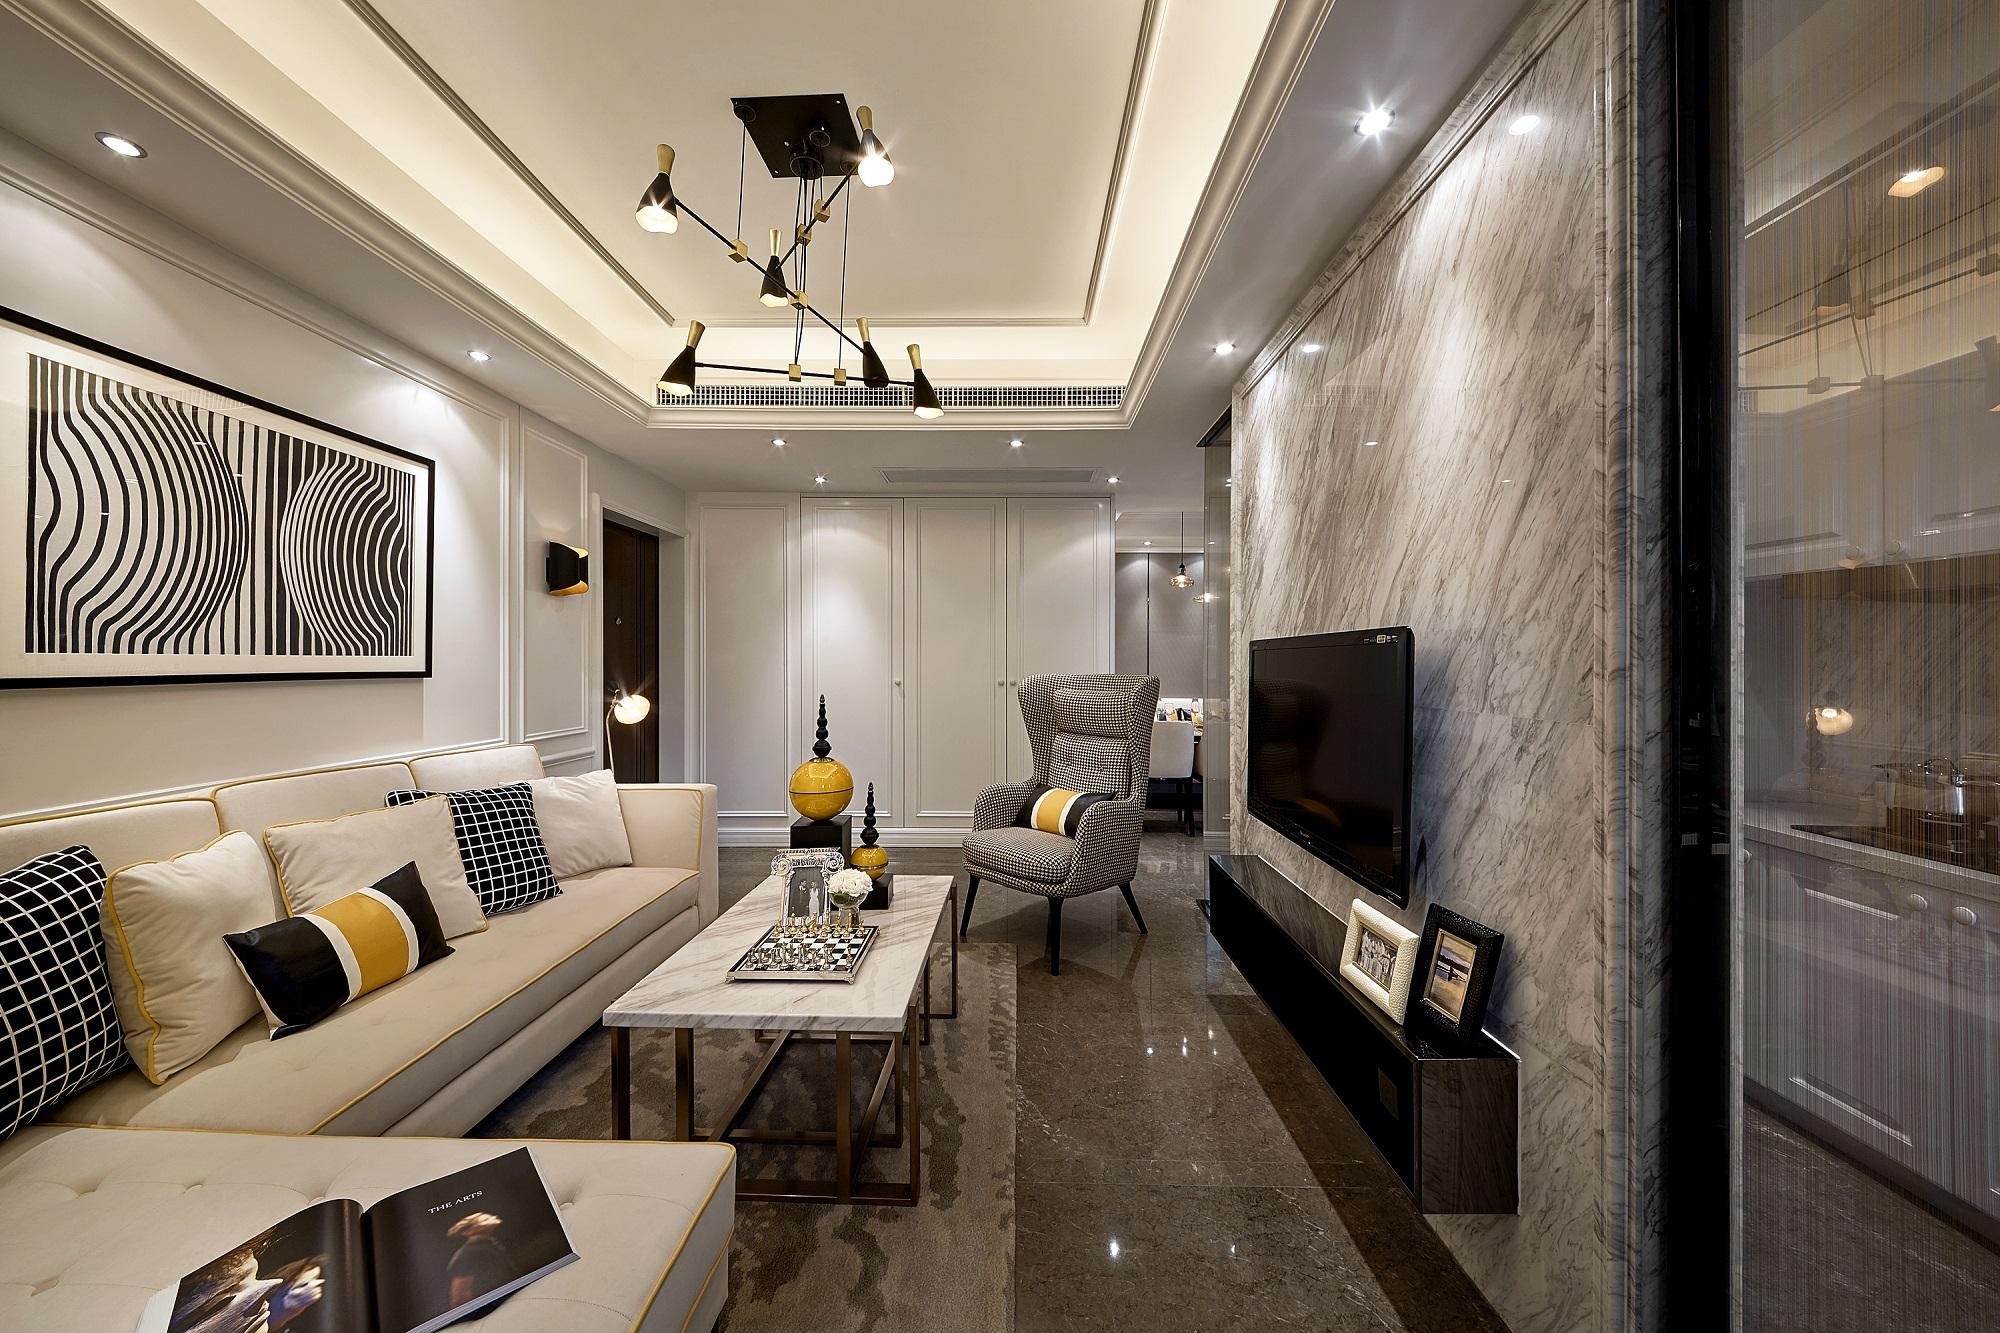 客厅线条流畅,给人感觉干净舒爽,浅色设计让空间很明亮,大理石电视背景墙质感十足。